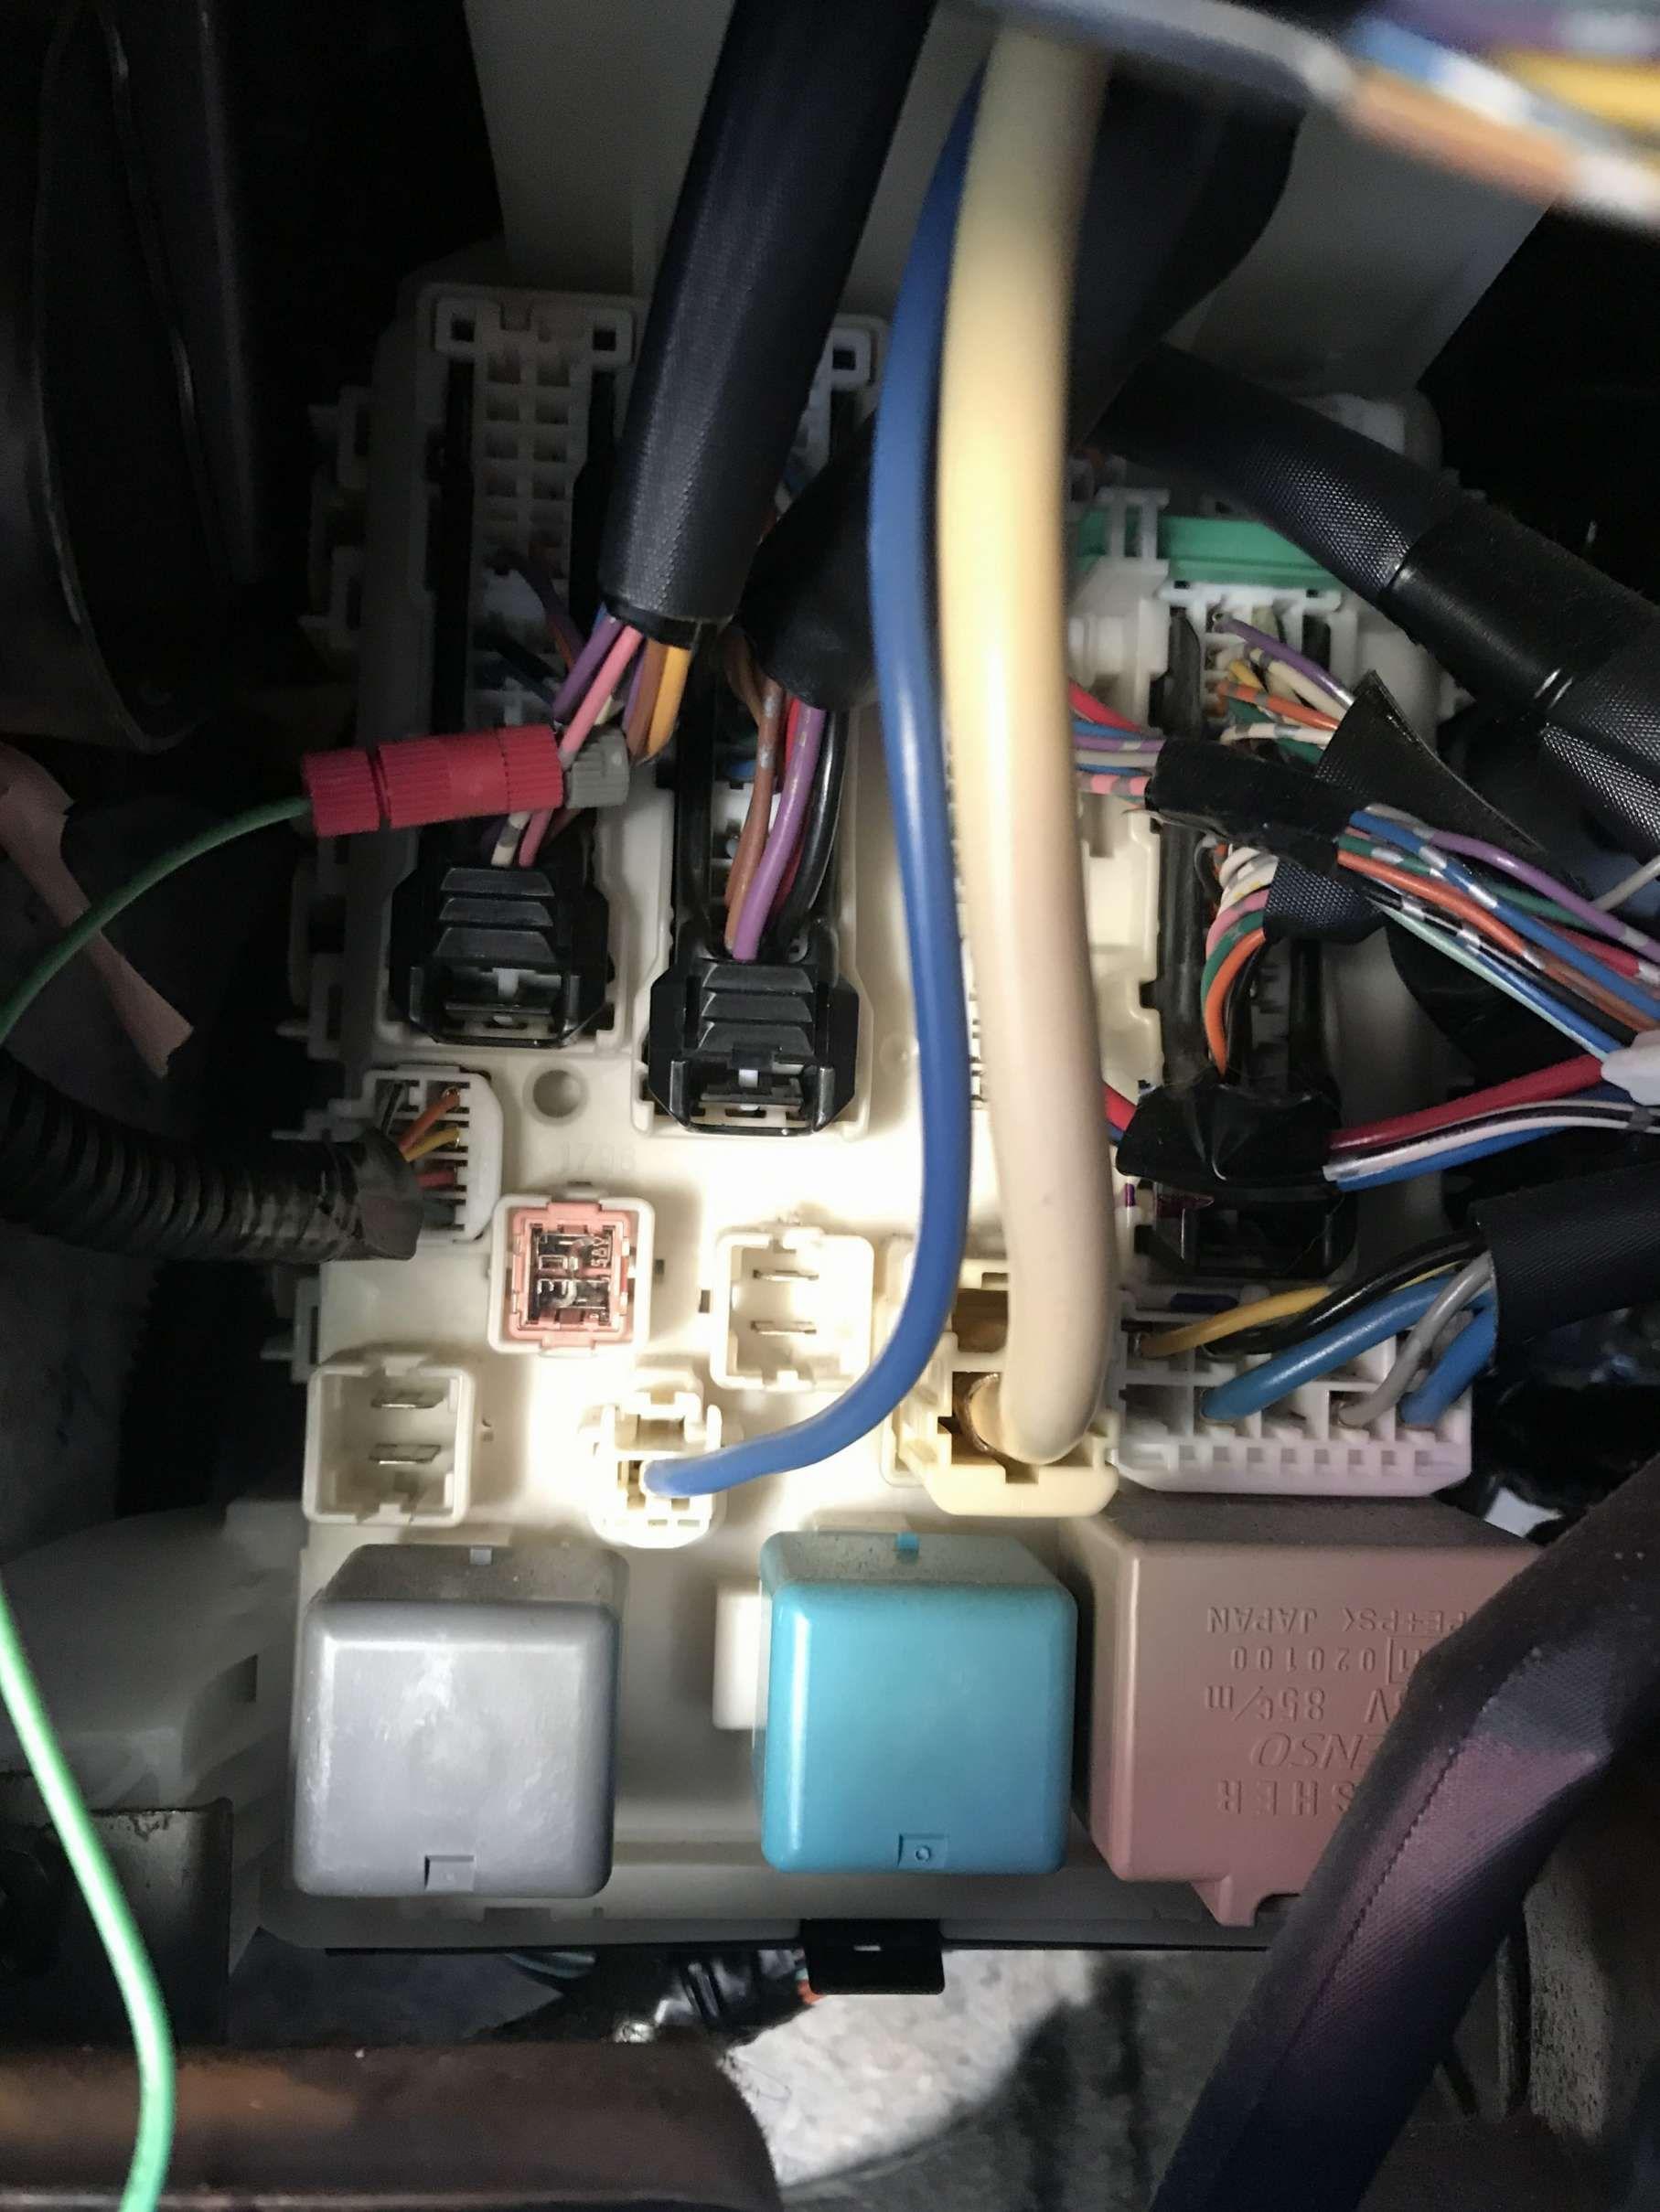 2006 Scion Tc Electrical Wiring Diagram Manual And Scion Tc Wiring Diagram Wiring Diagram Schematics 12 2006 Scion Tc Electrical Wiring Diagram Manual En 2020 Autos Y Motos Autos Motos